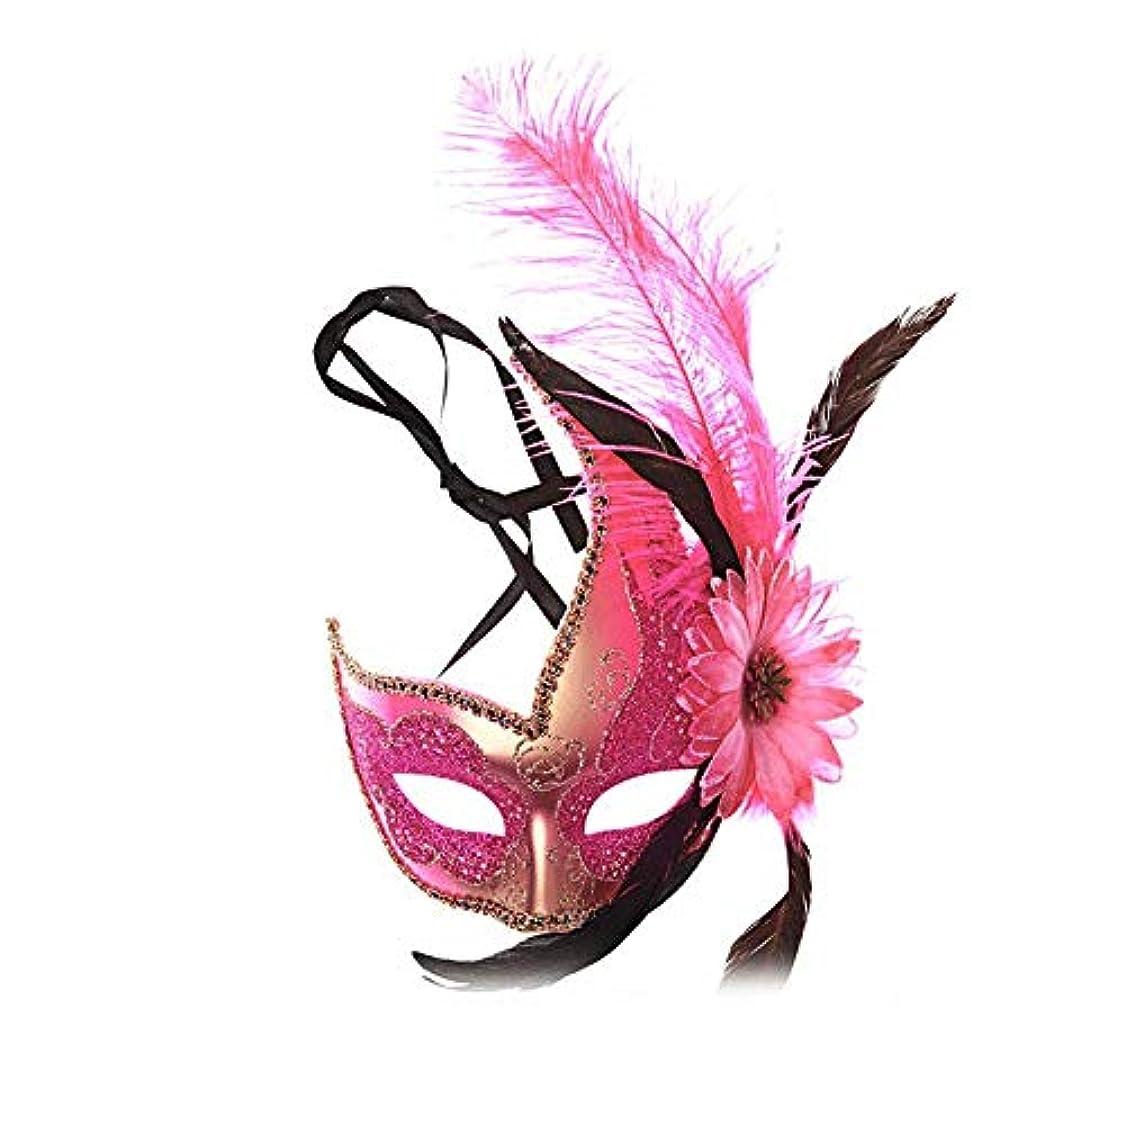 クッション迷路夕暮れNanle ハロウィンマスクハーフフェザーマスクベニスプリンセスマスク美容レース仮面ライダーコスプレ (色 : Style B rose red)